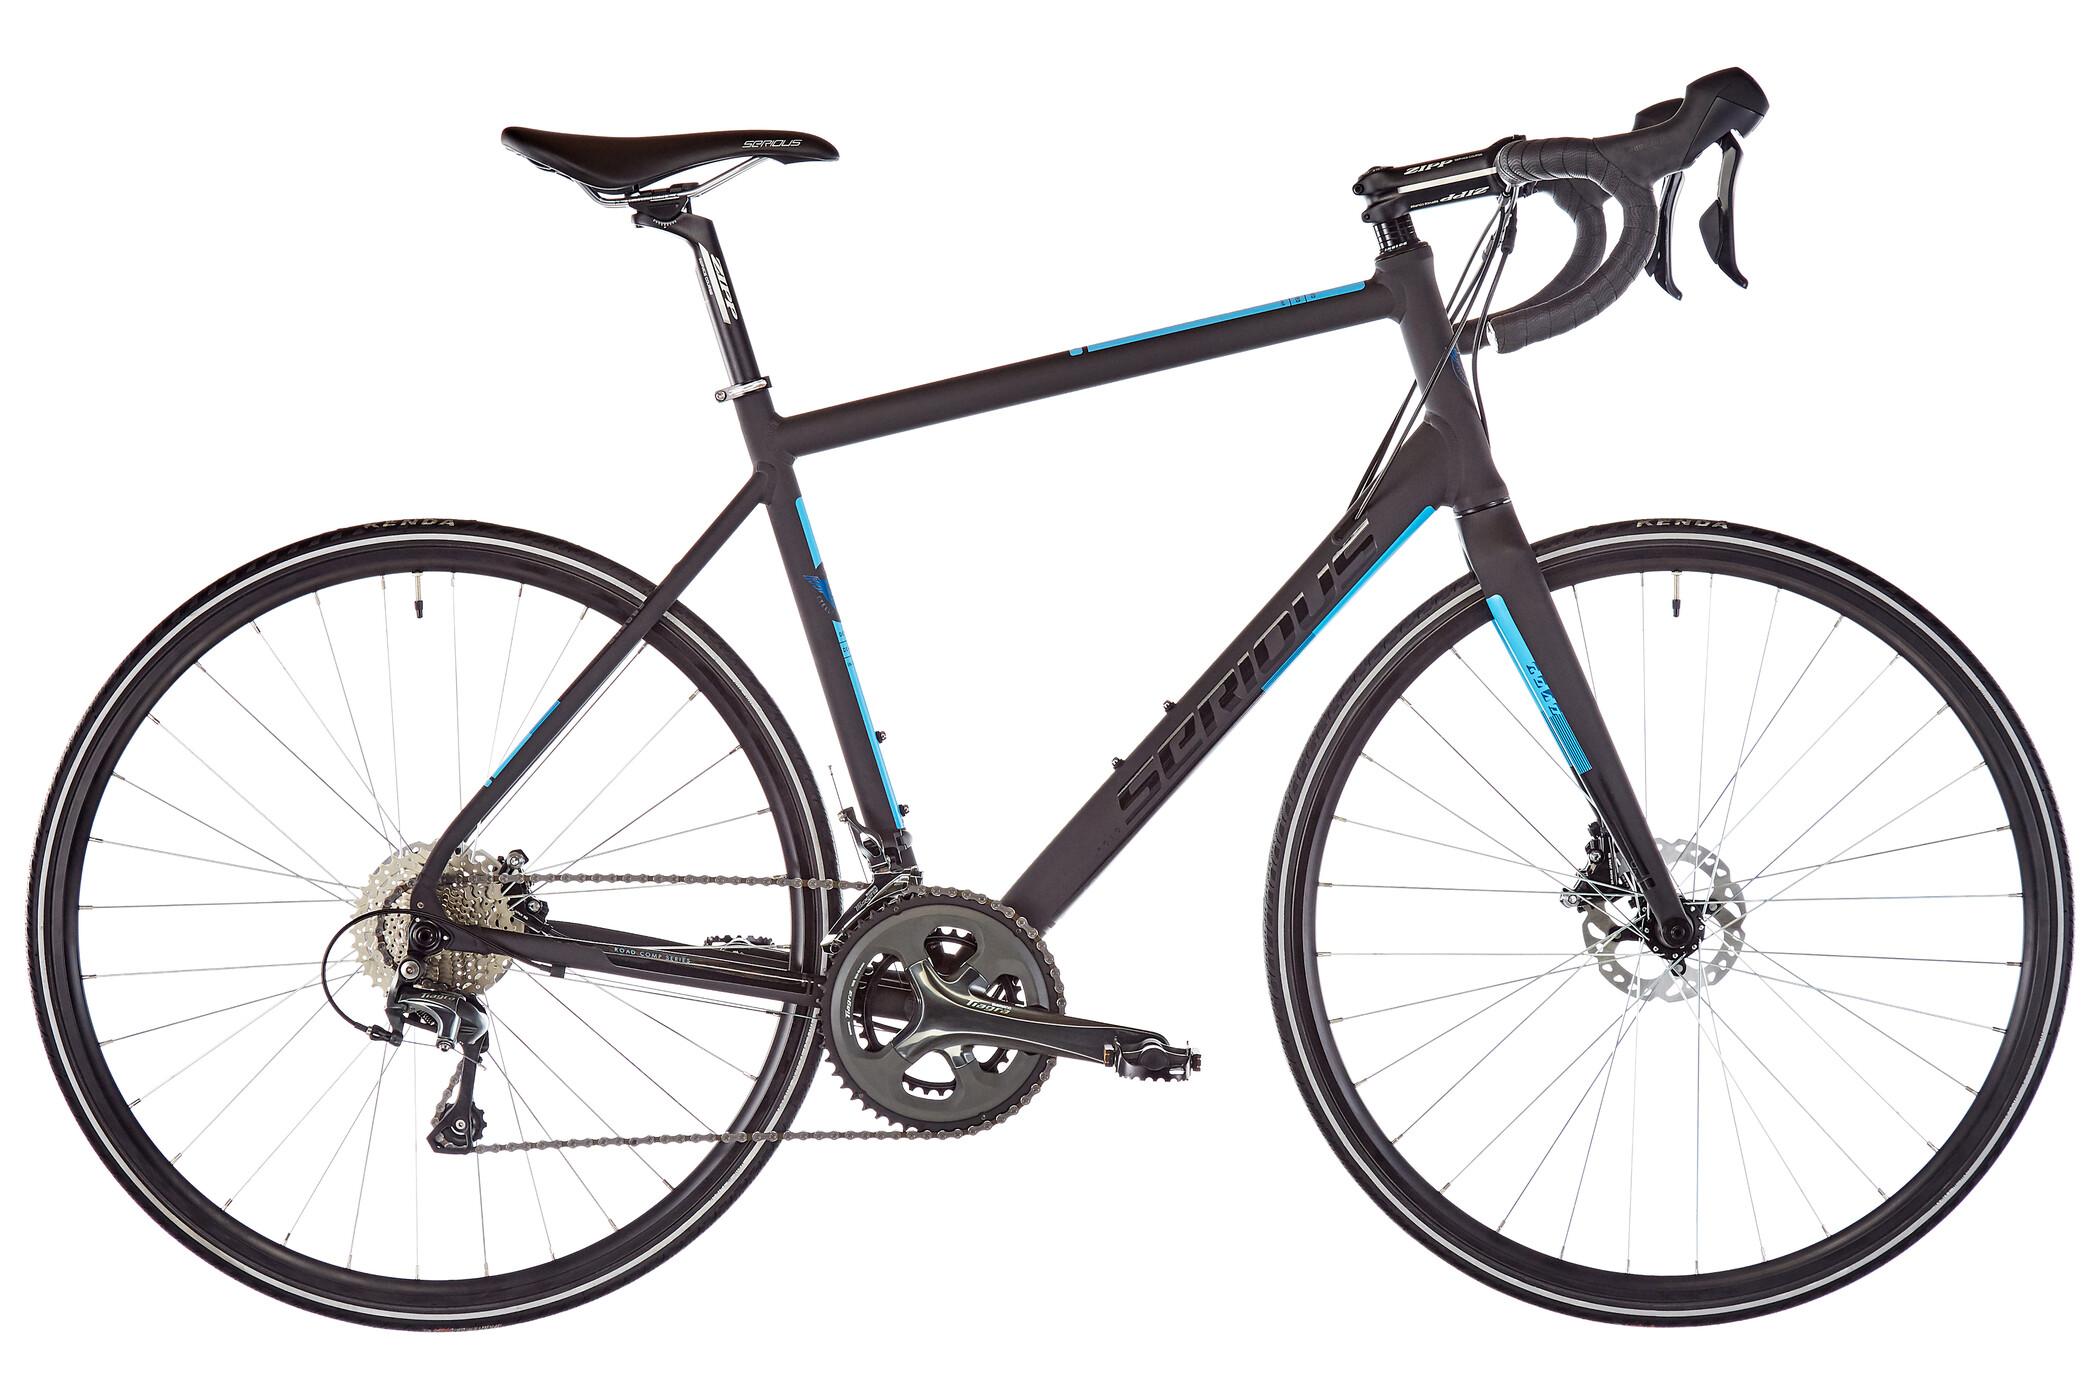 Serious Valparola Pro Disc, black (2019) | Road bikes